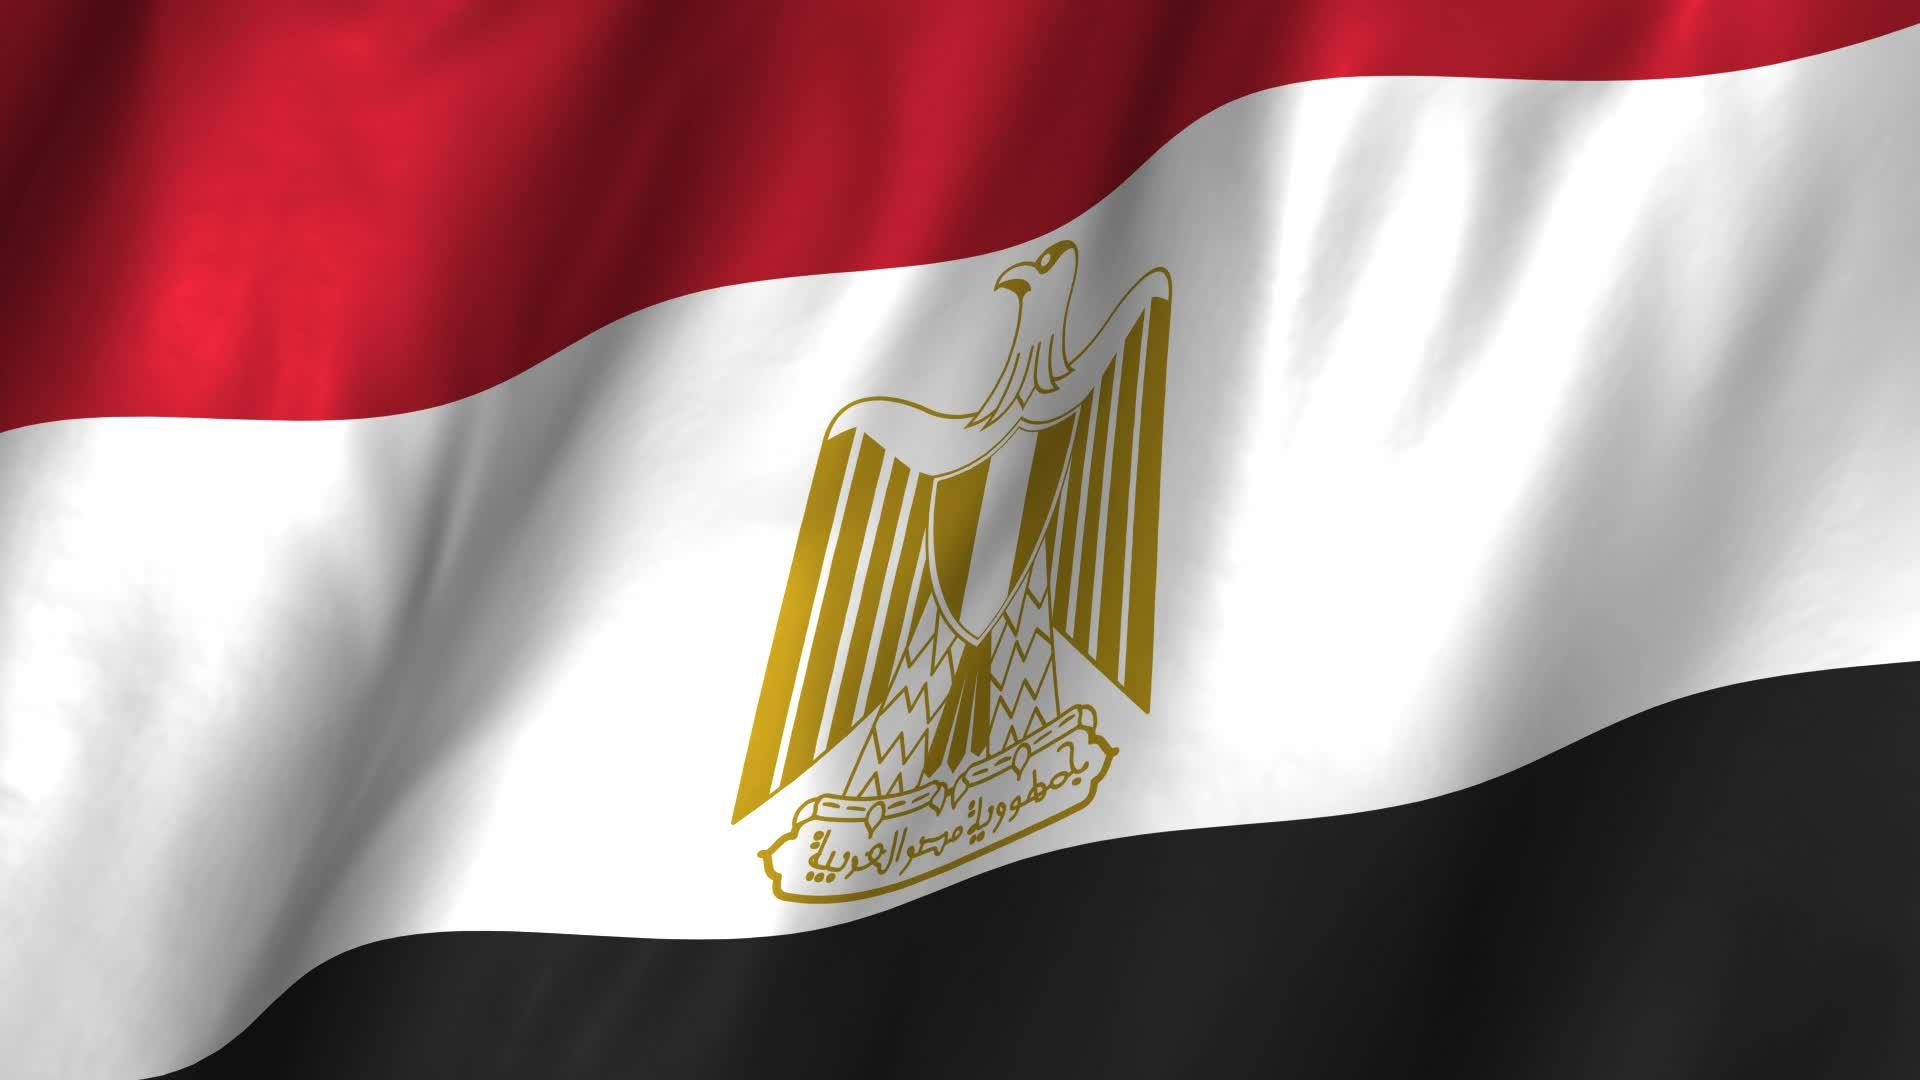 صور لعلم مصر احلي صور اعلام مصر  (2)